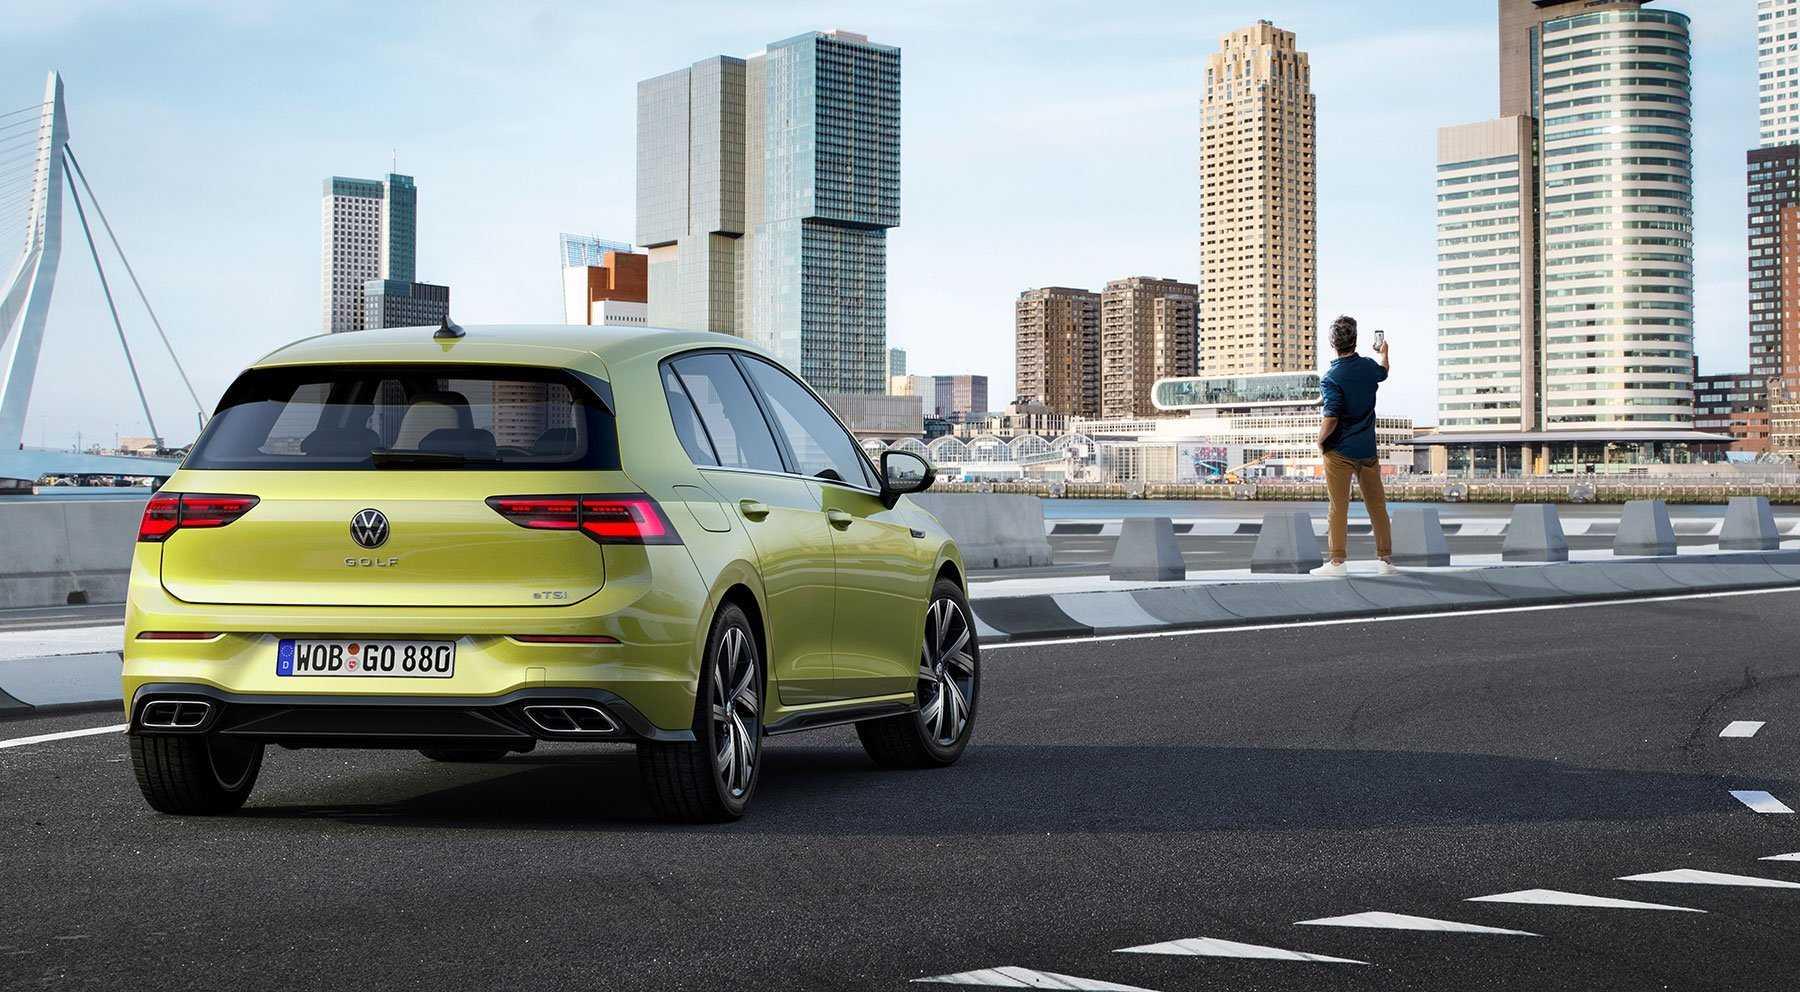 Фольксваген гольф 2020 технические характеристики. volkswagen golf 2020 комплектации и цены фото.